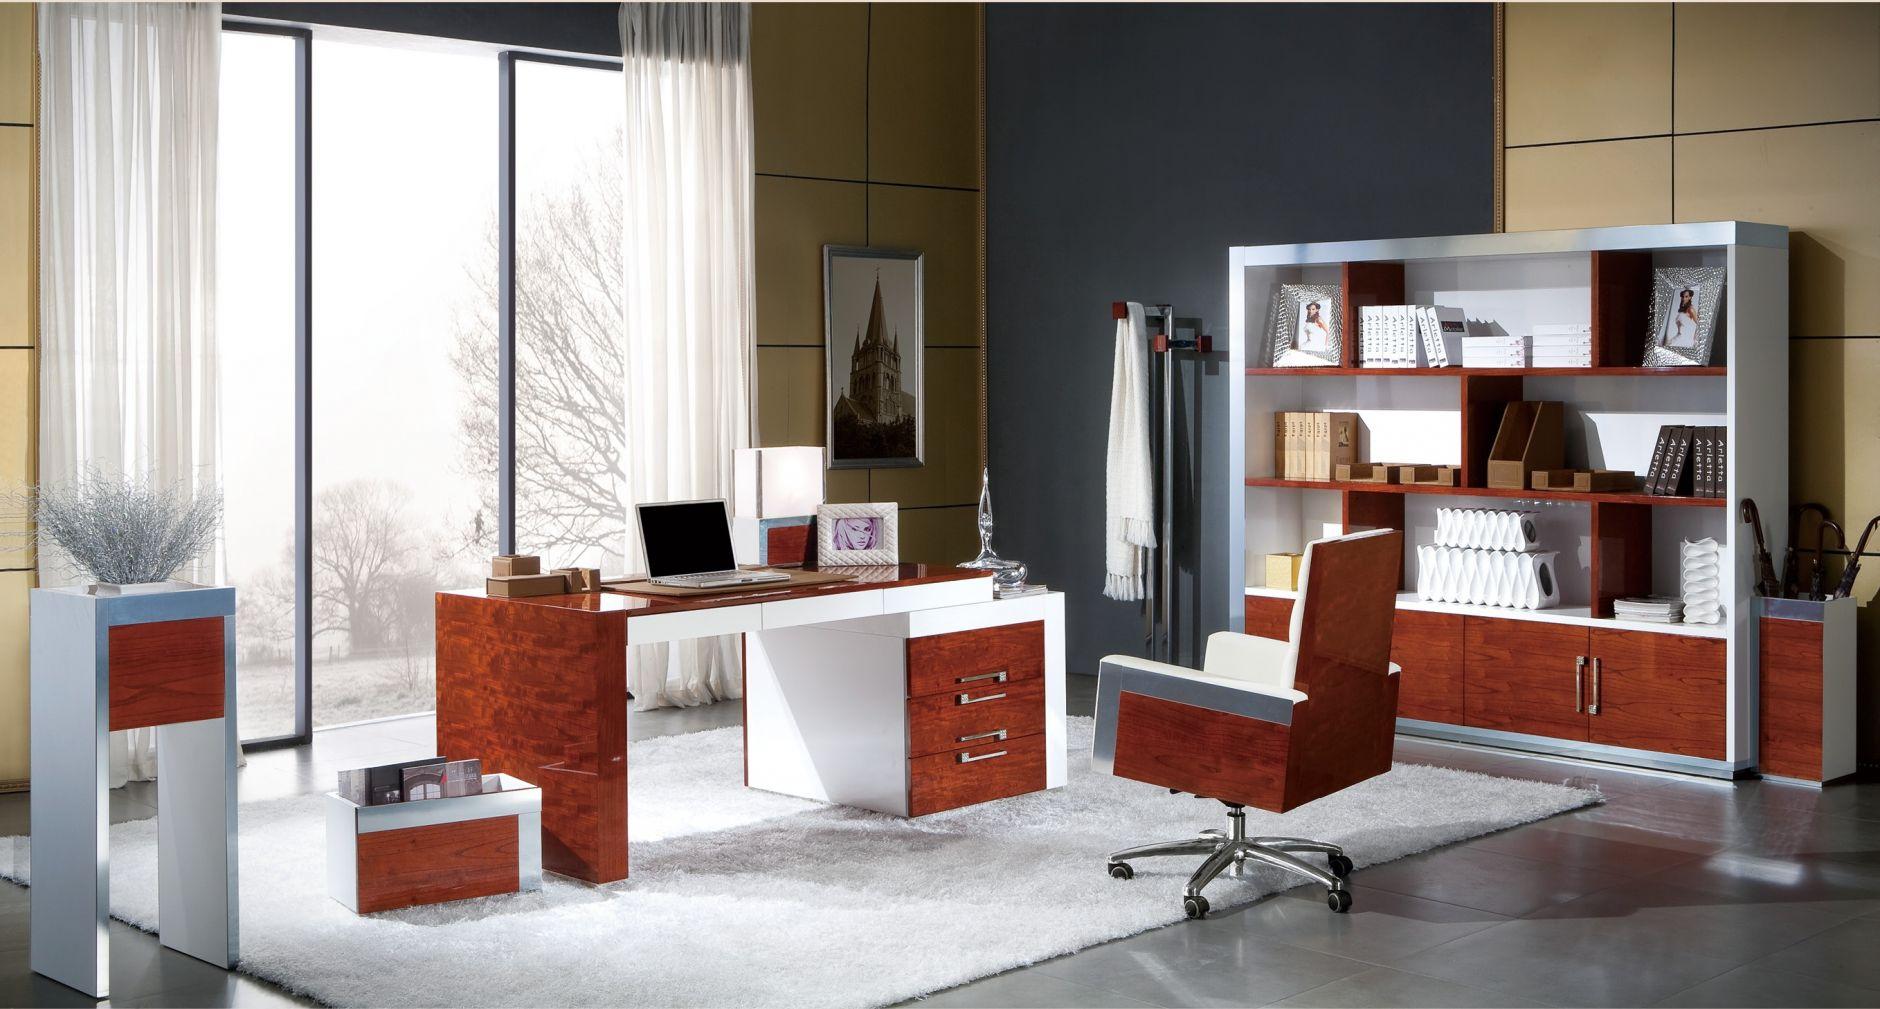 Möbel für das Büro - Designer Büromöbel YS003 SerieDie Möbel aus Italien